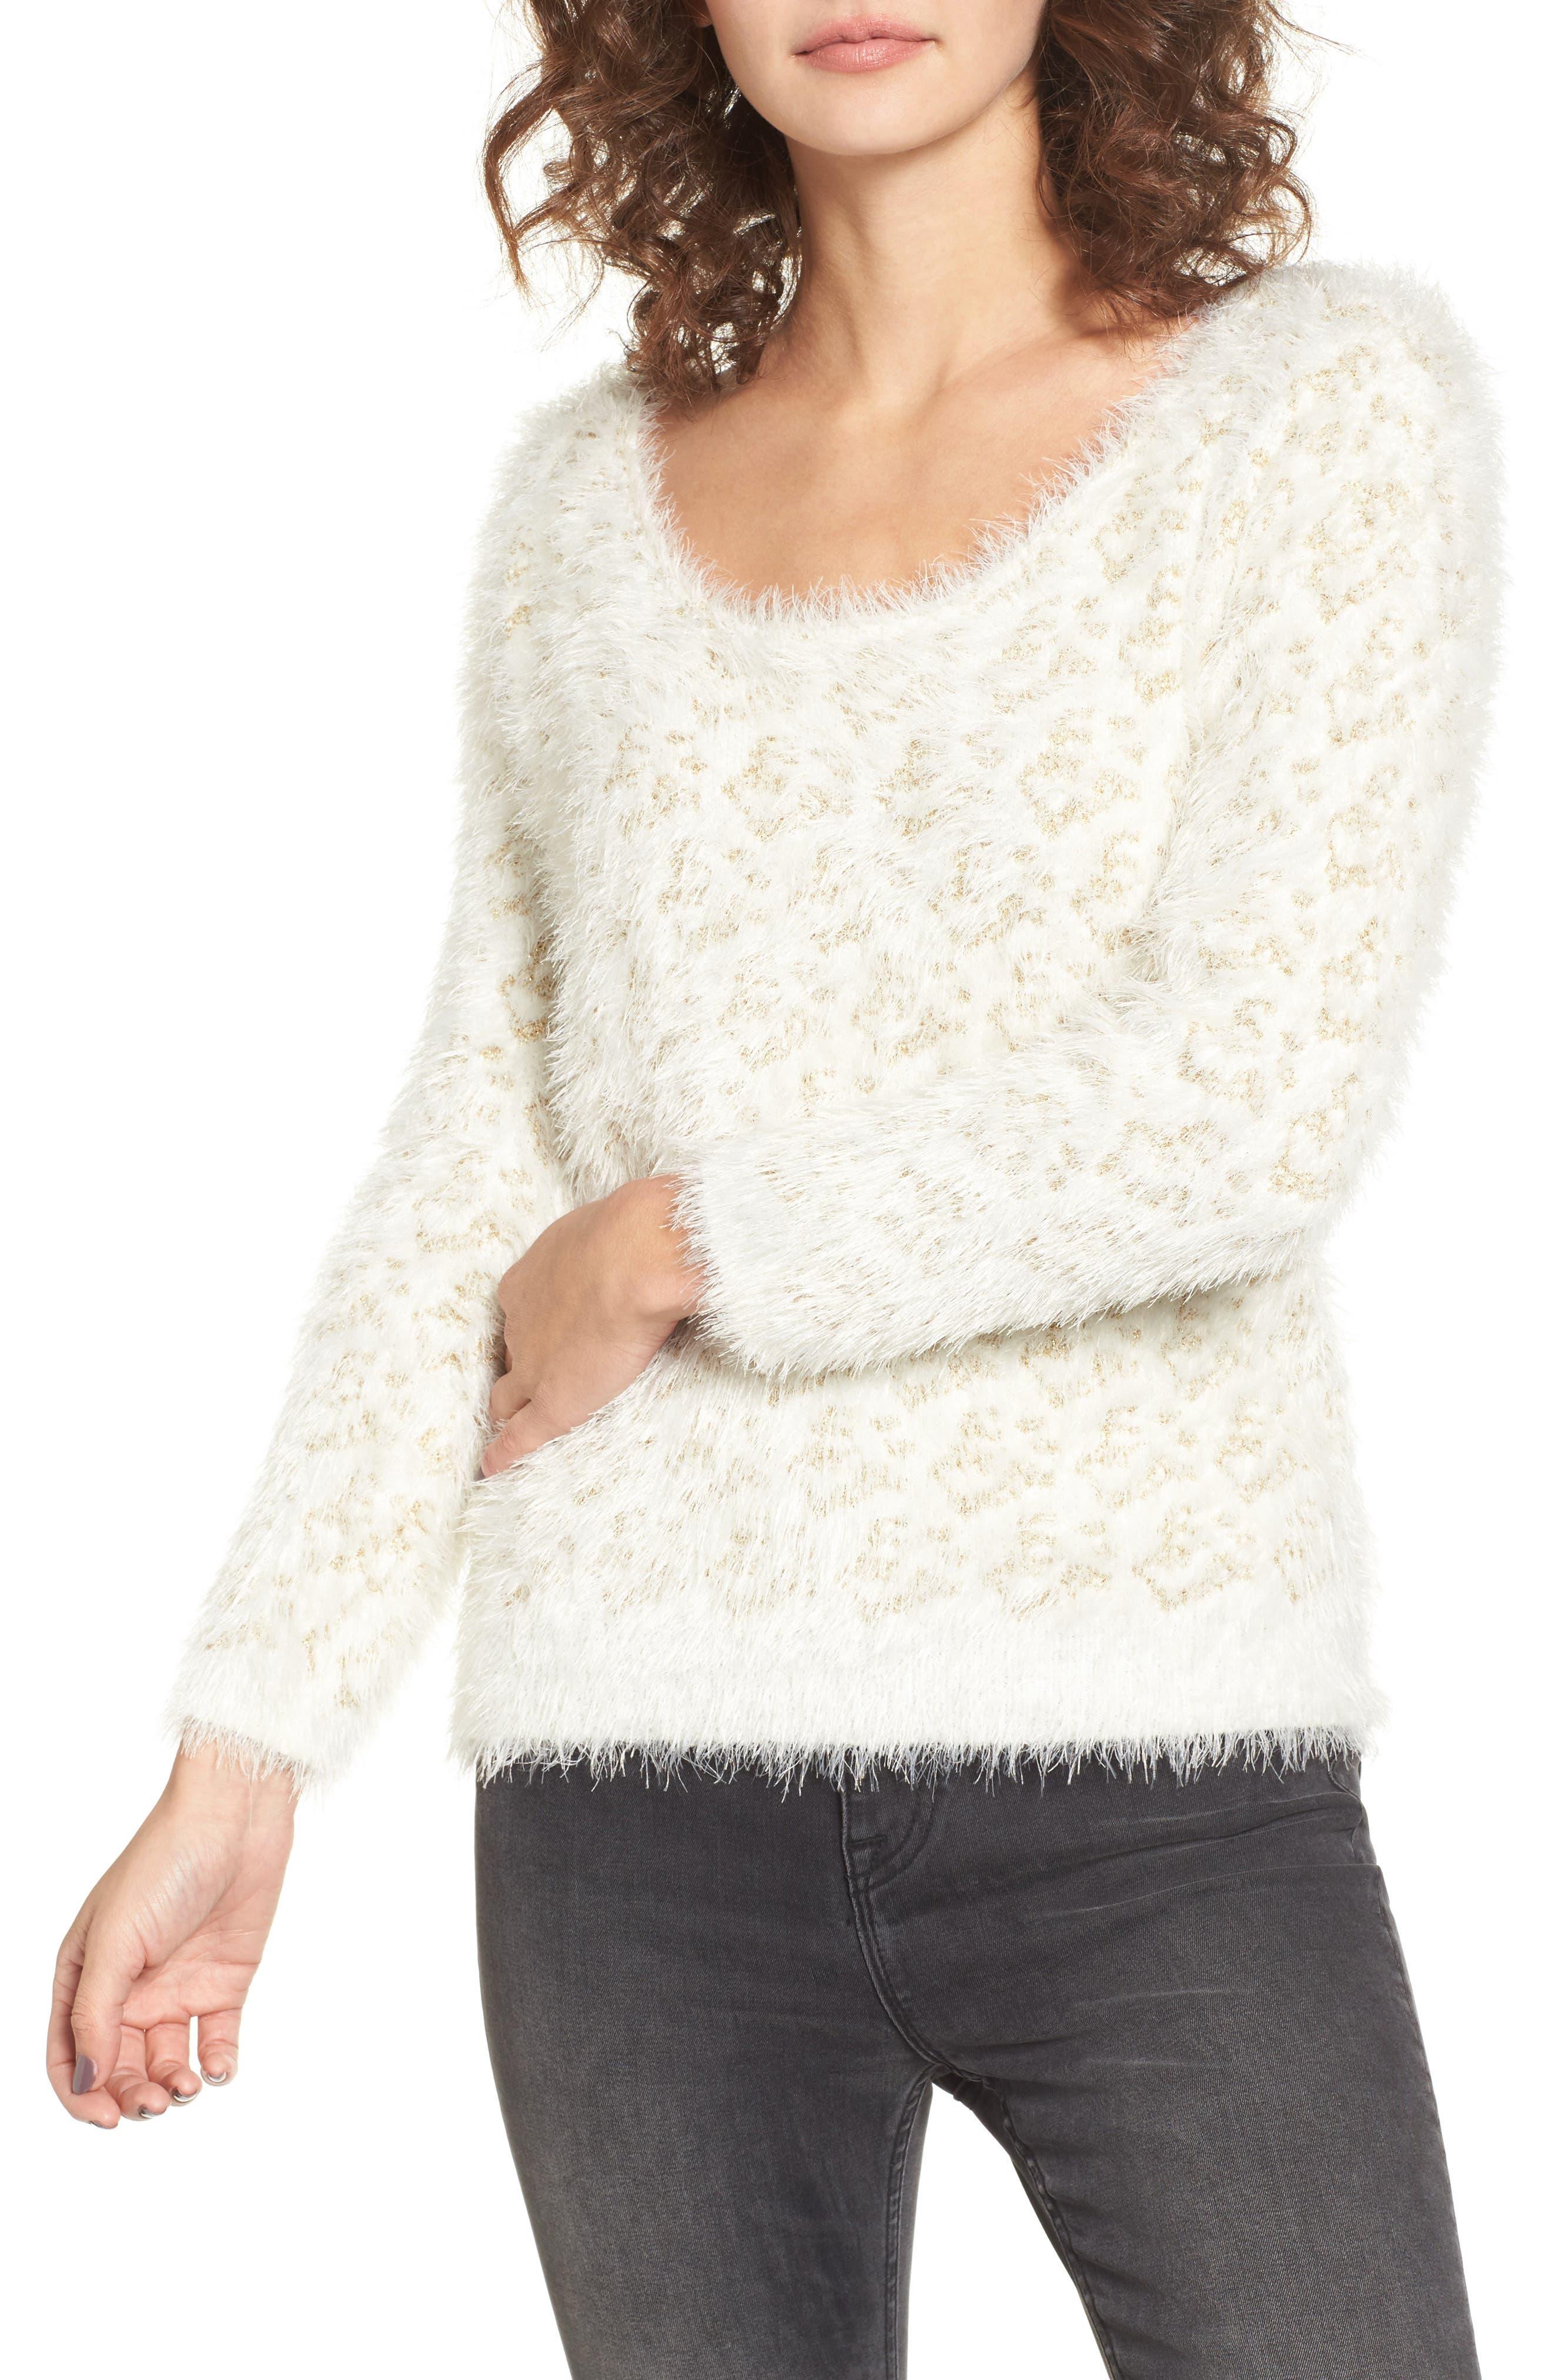 Cassidy Fuzzy Eyelash Sweater,                             Main thumbnail 1, color,                             710